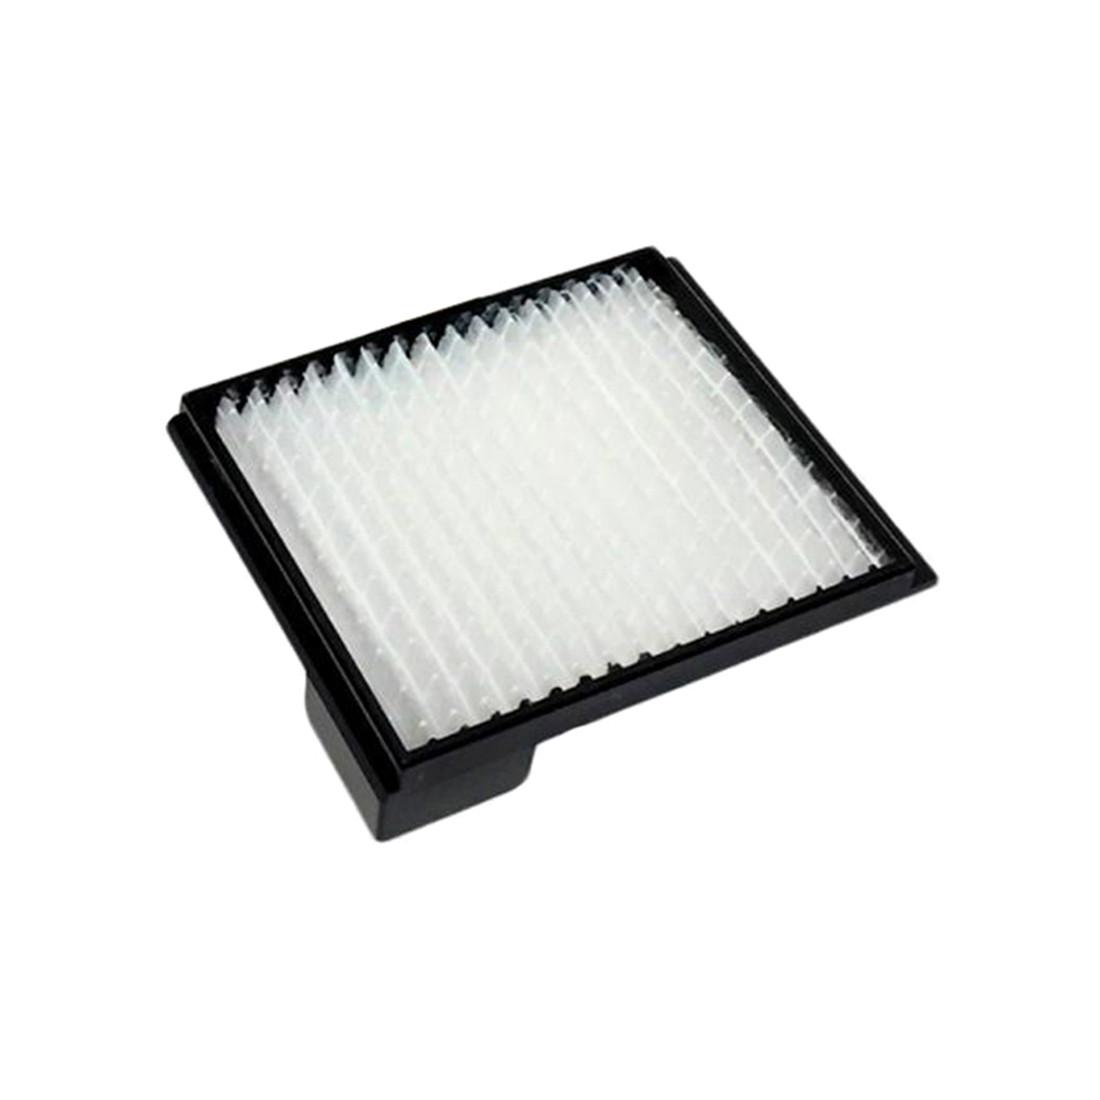 Внутренний фильтр фоторецептора, Xerox, 053K91890 / 053K91891, Для Xerox WorkCentre 4110/4112/4590/4595, 600